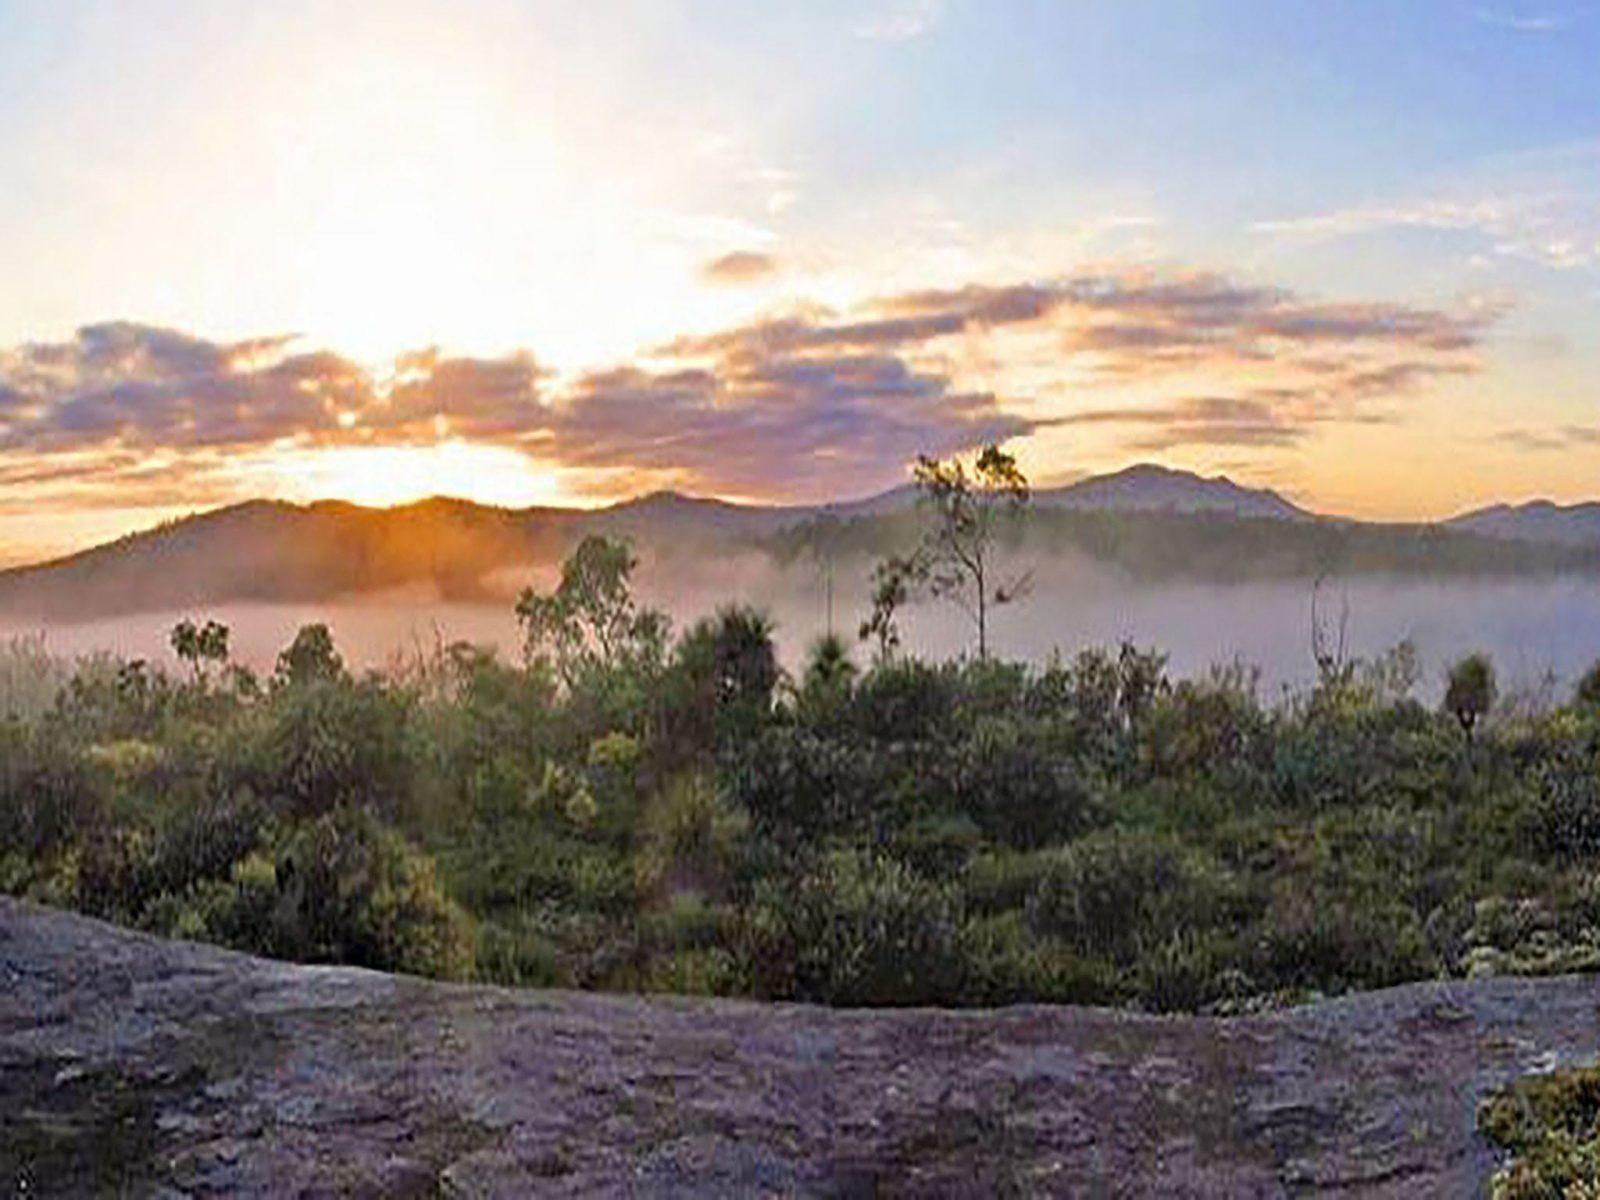 Mount Cooke